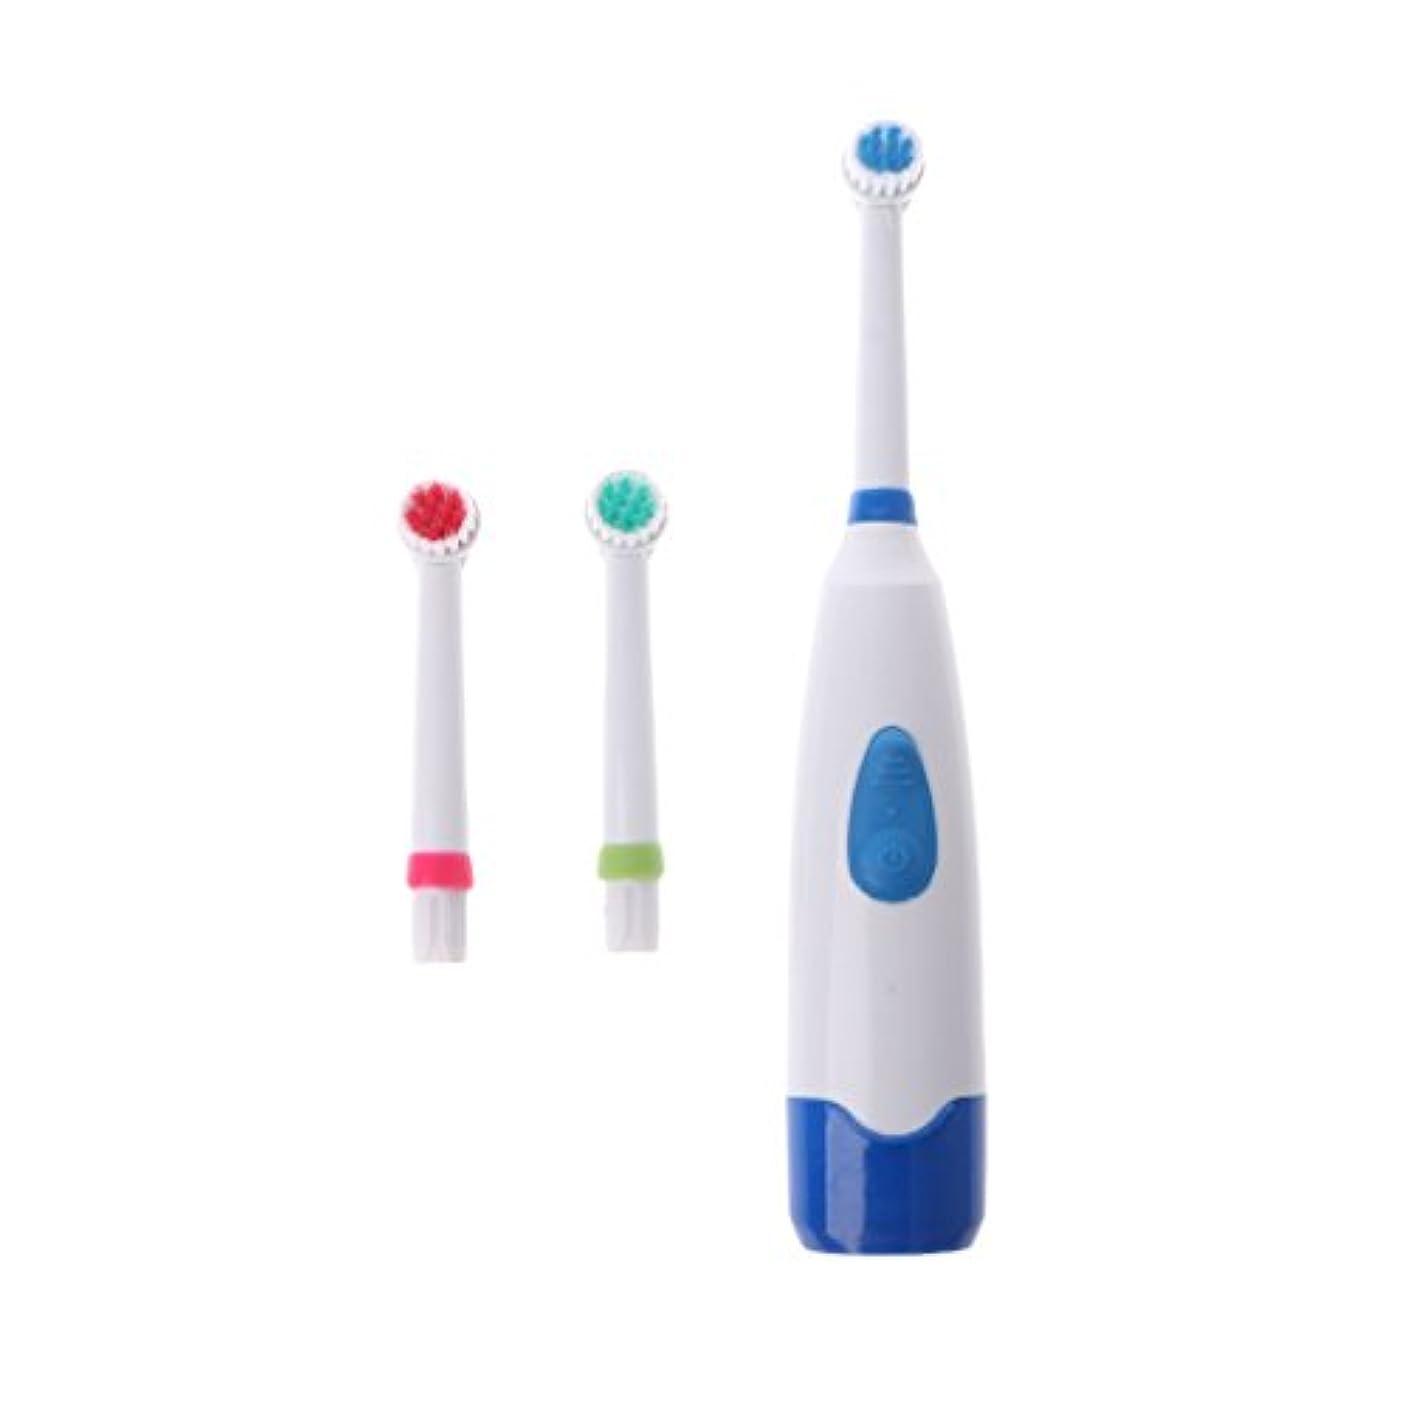 エンコミウム驚くべき退屈なManyao 3ブラシヘッドで防水回転電動歯ブラシ (青)